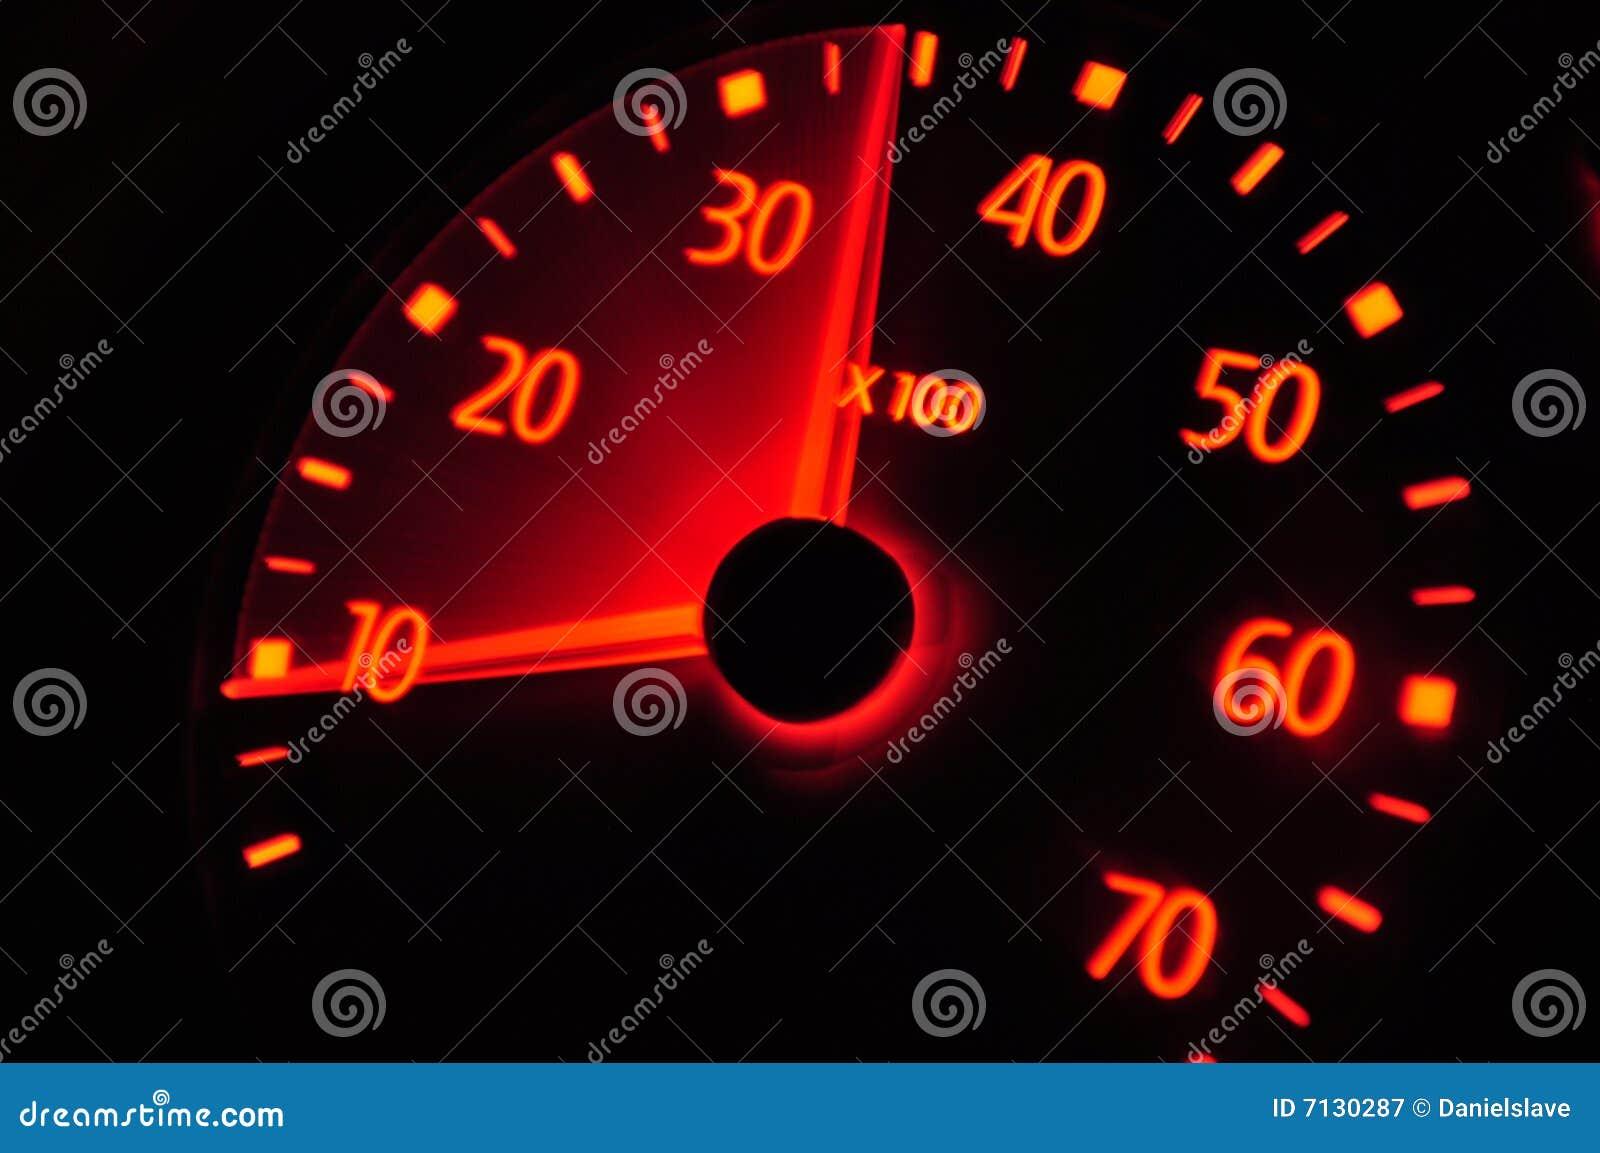 汽车欧洲车速表